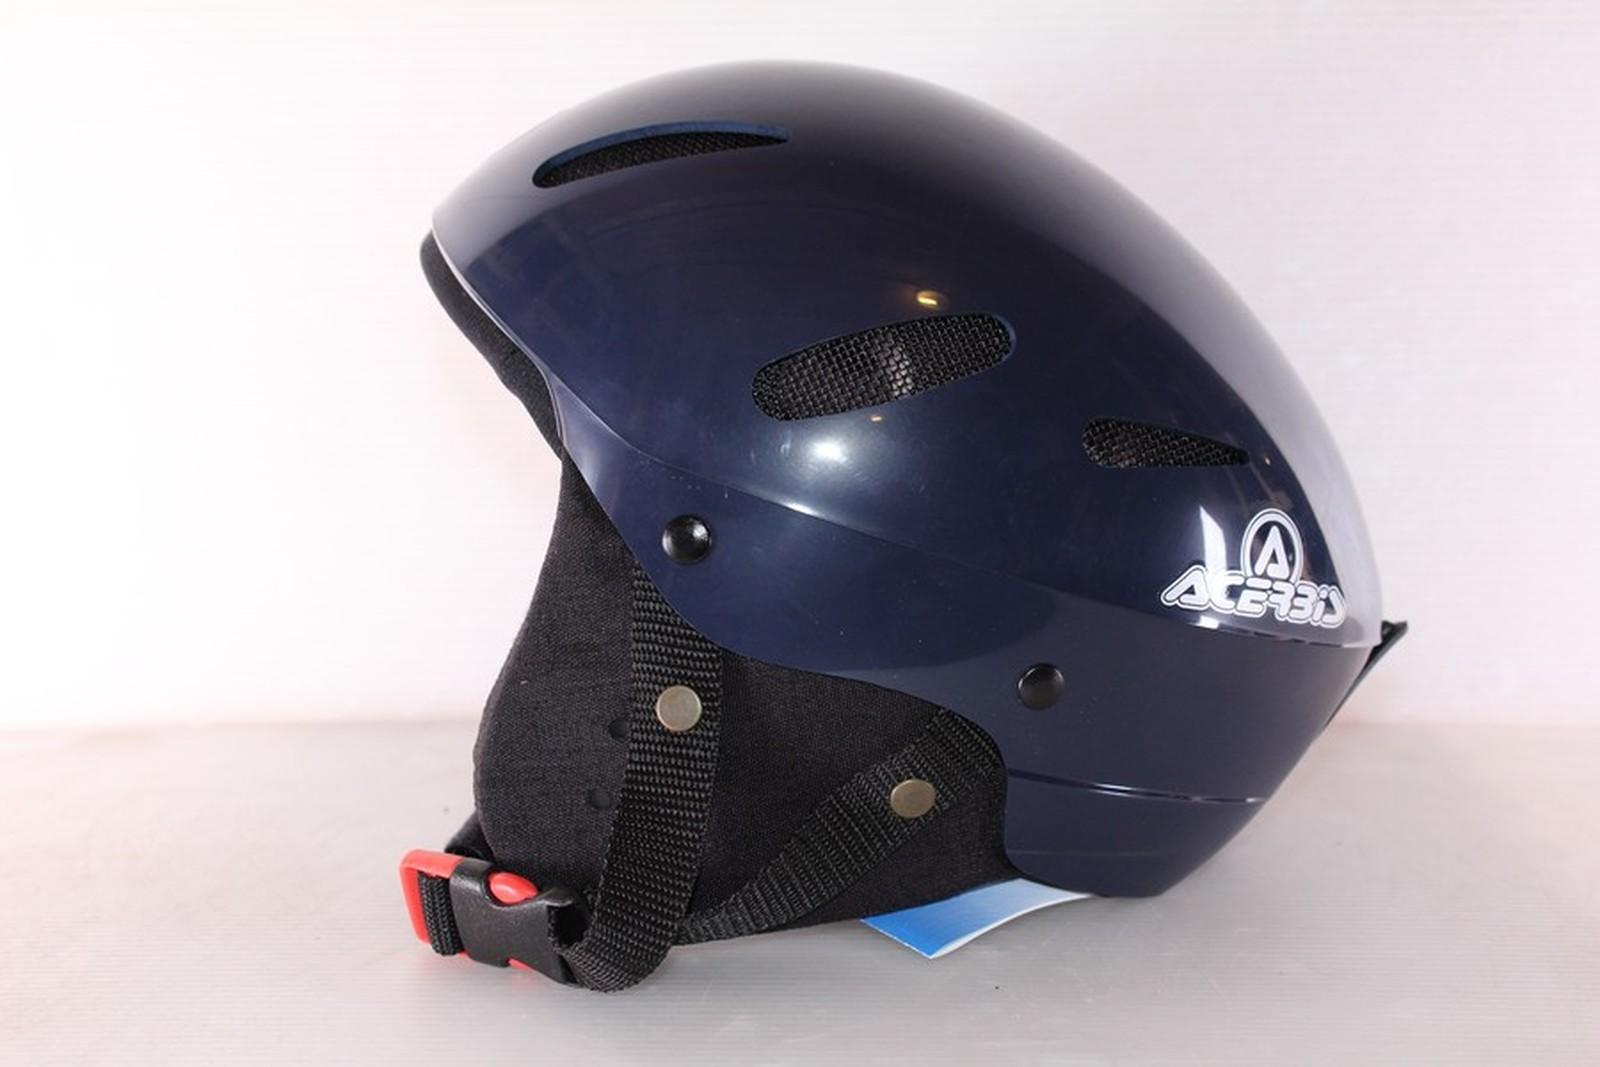 Dámská lyžařská helma Acerbis Blue Navy vel. 60